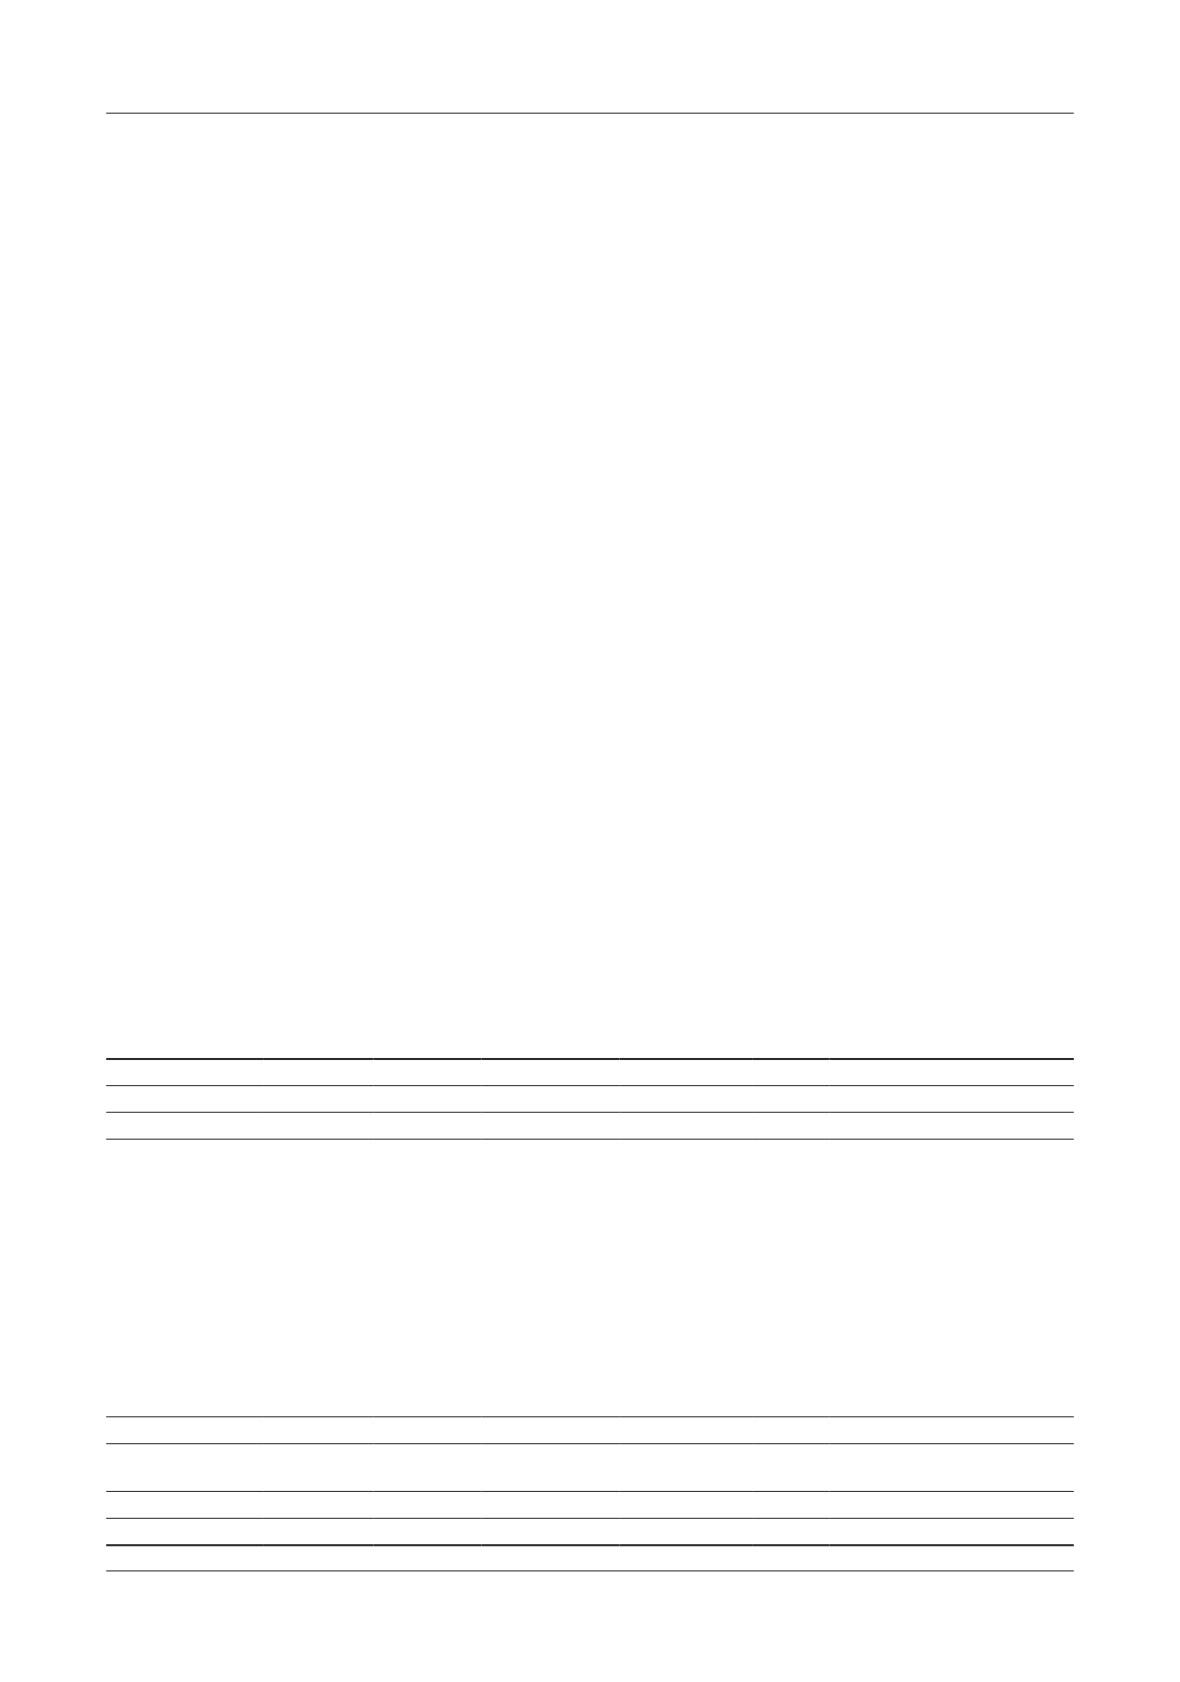 opțiune binară ce este site- ul oficial)